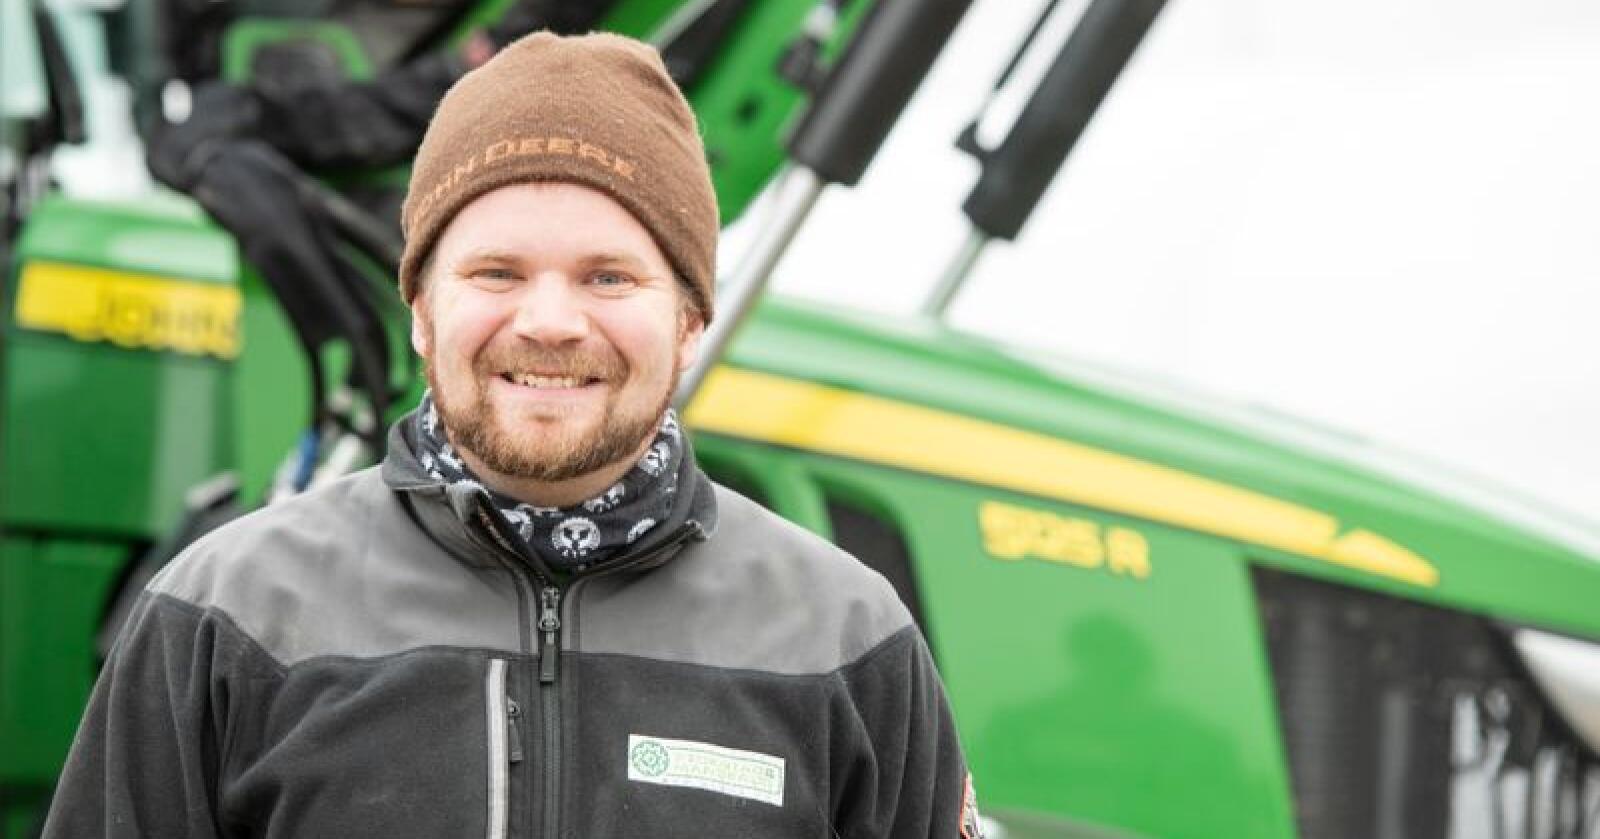 GÅRDSTRAKTOR: – En ypperlig gårdstraktor, mener Lars Halvor Stokstad Oserud, som har kjørt tusen timer med sin John Deere 5125R. Foto: Felleskjøpet